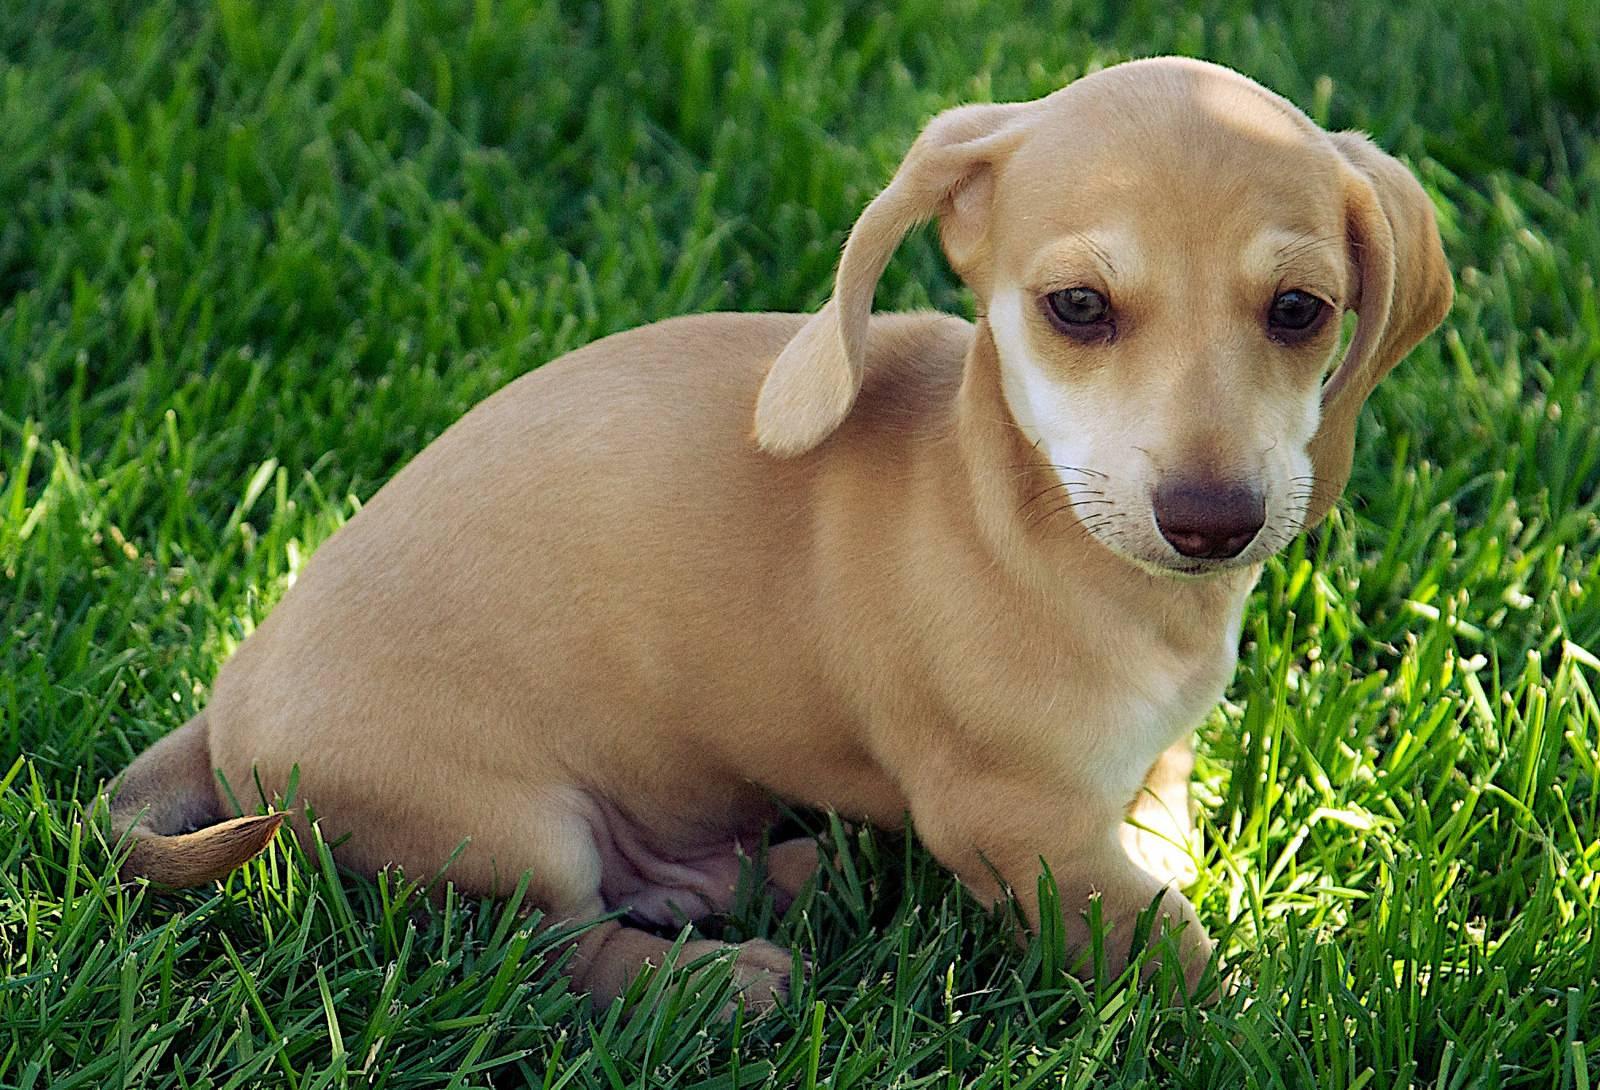 Как назвать таксу мальчика: красивые имена для щенка